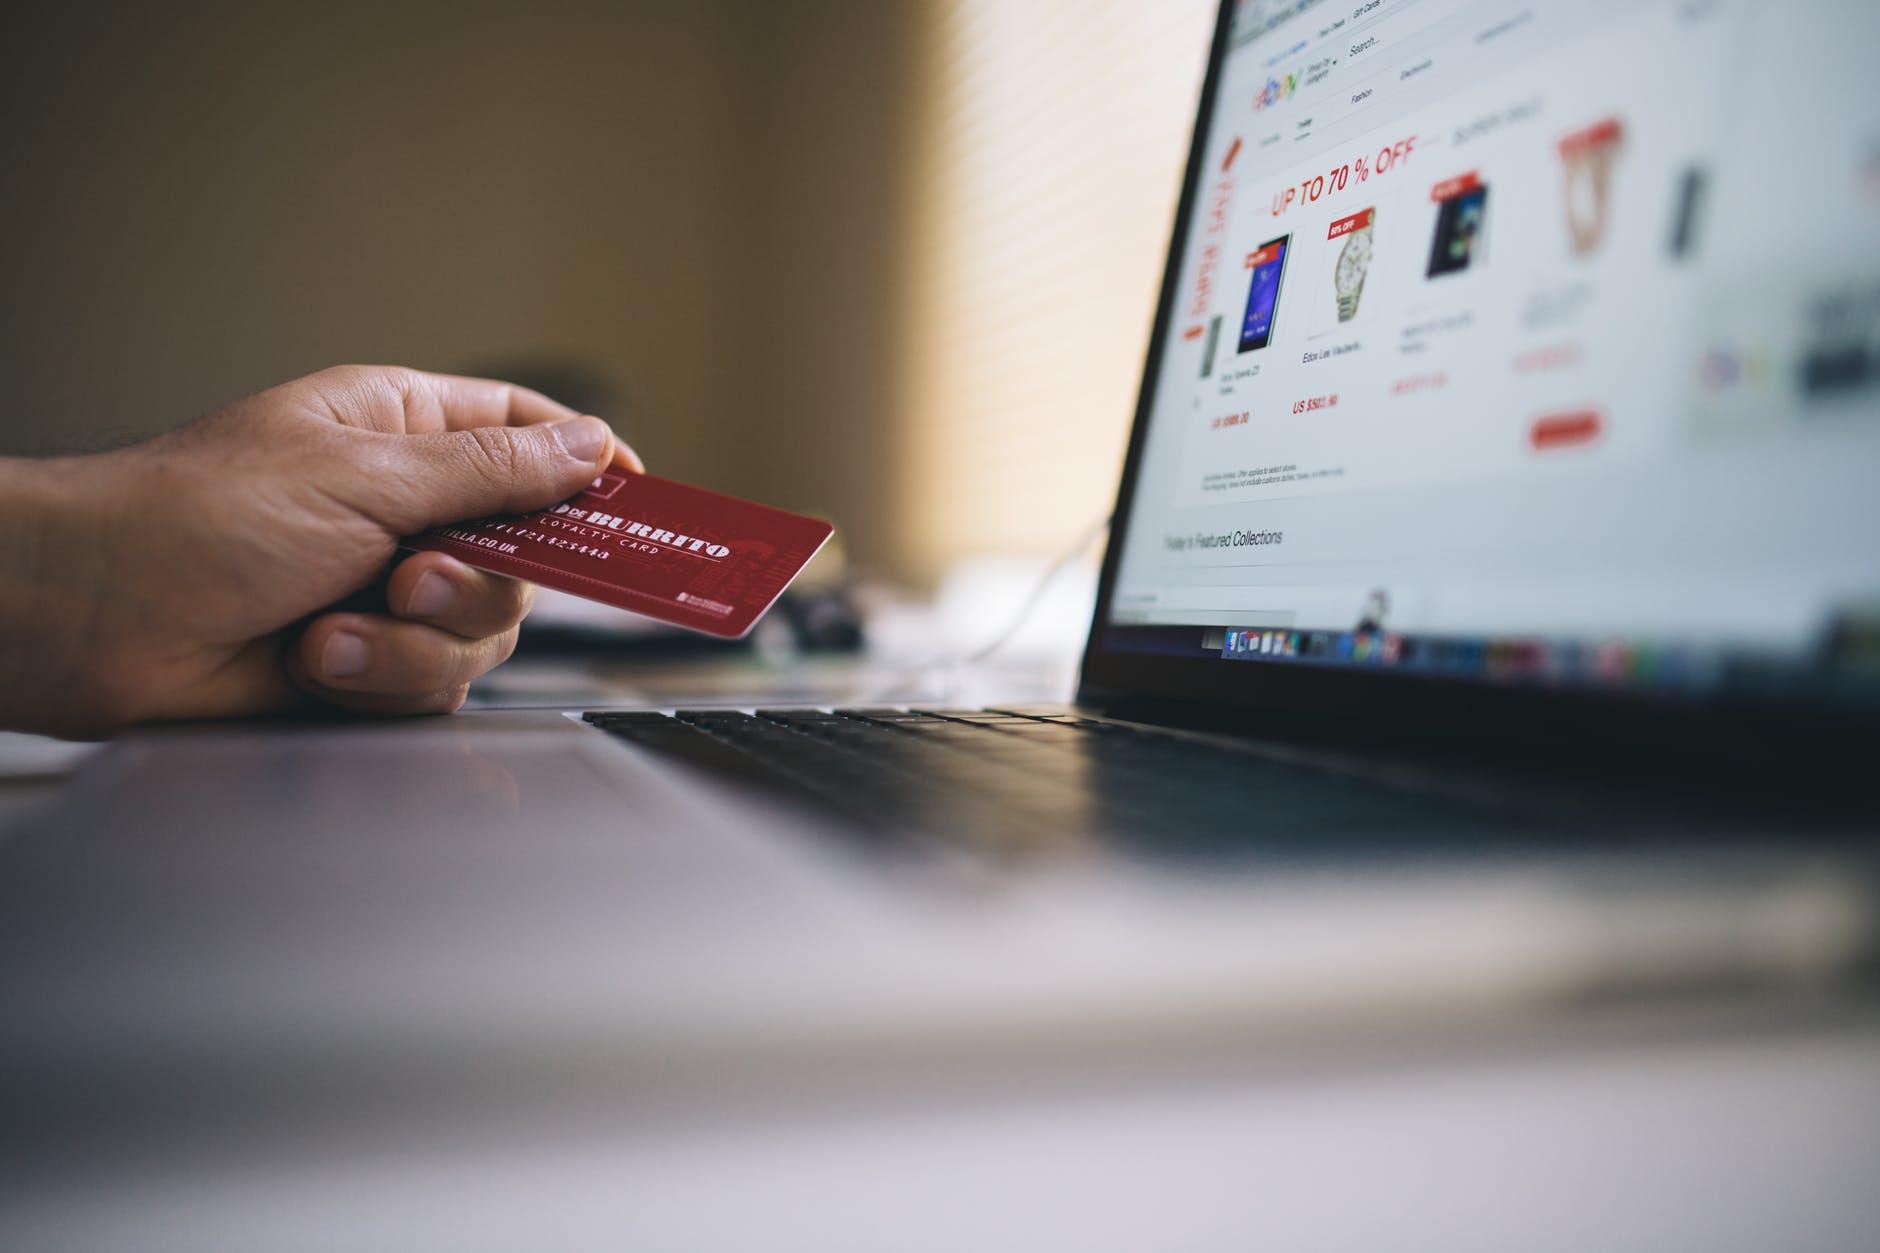 compradores online méxico